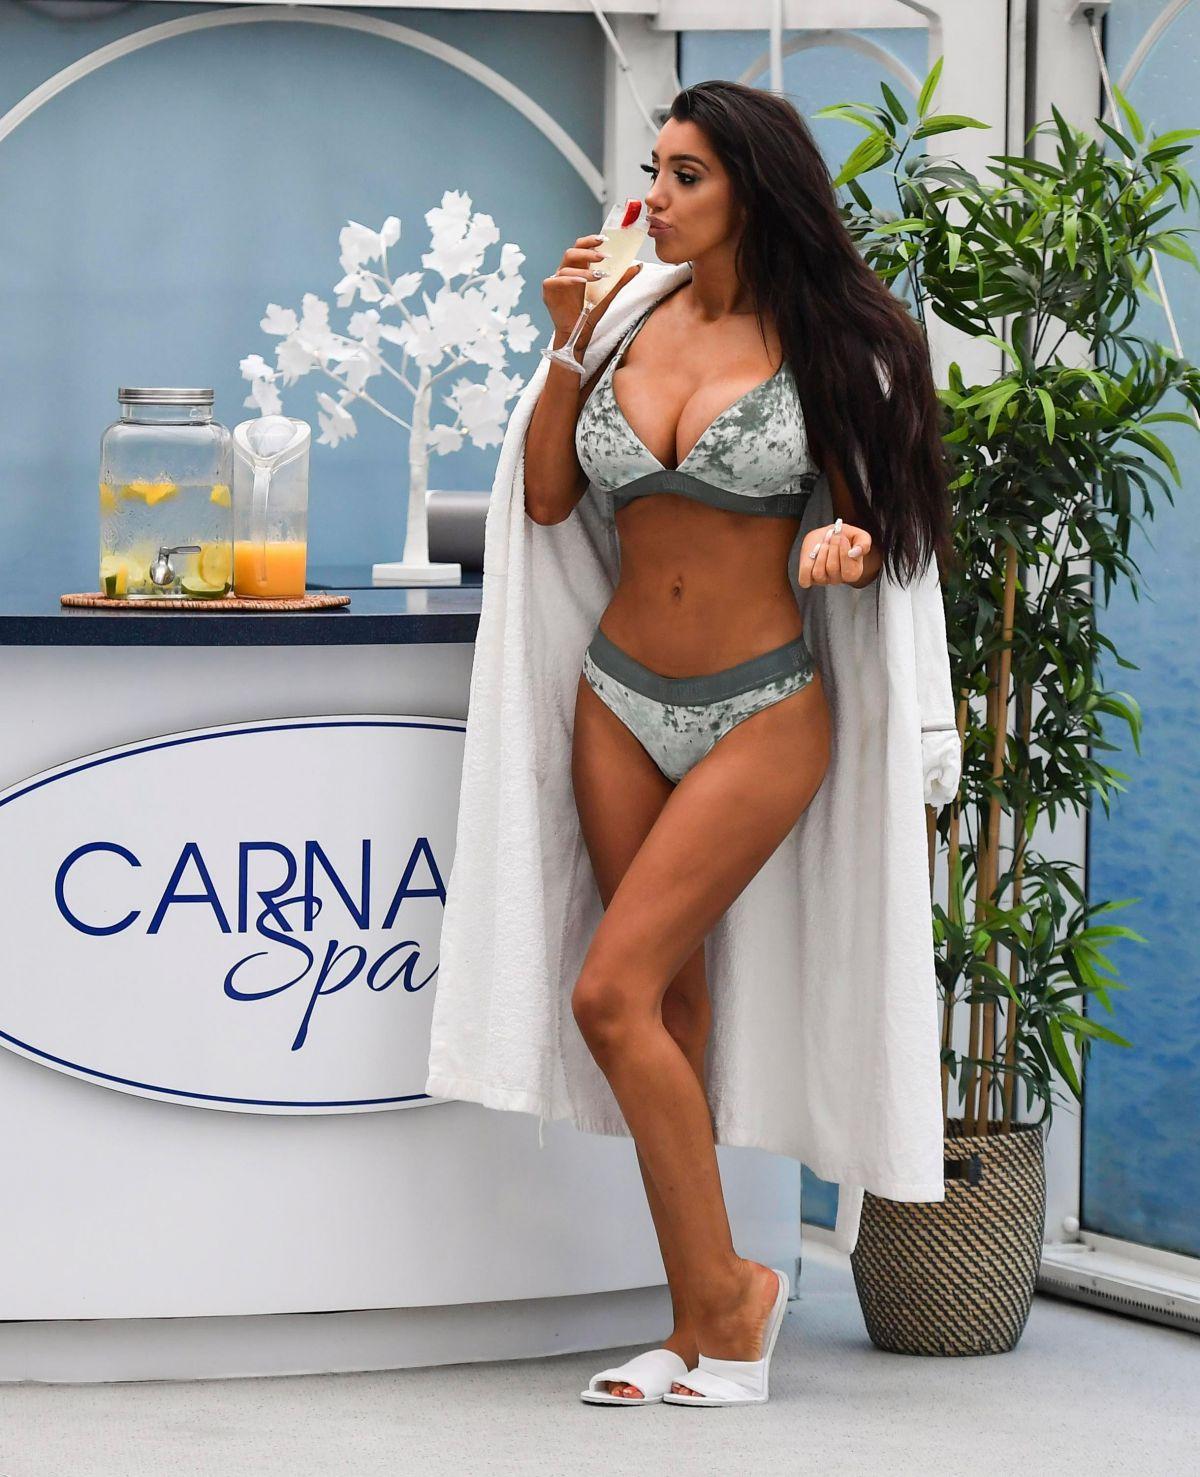 Chloe Khan in Bikini at Carnatic Spa in Liverpool Pic 15 of 35